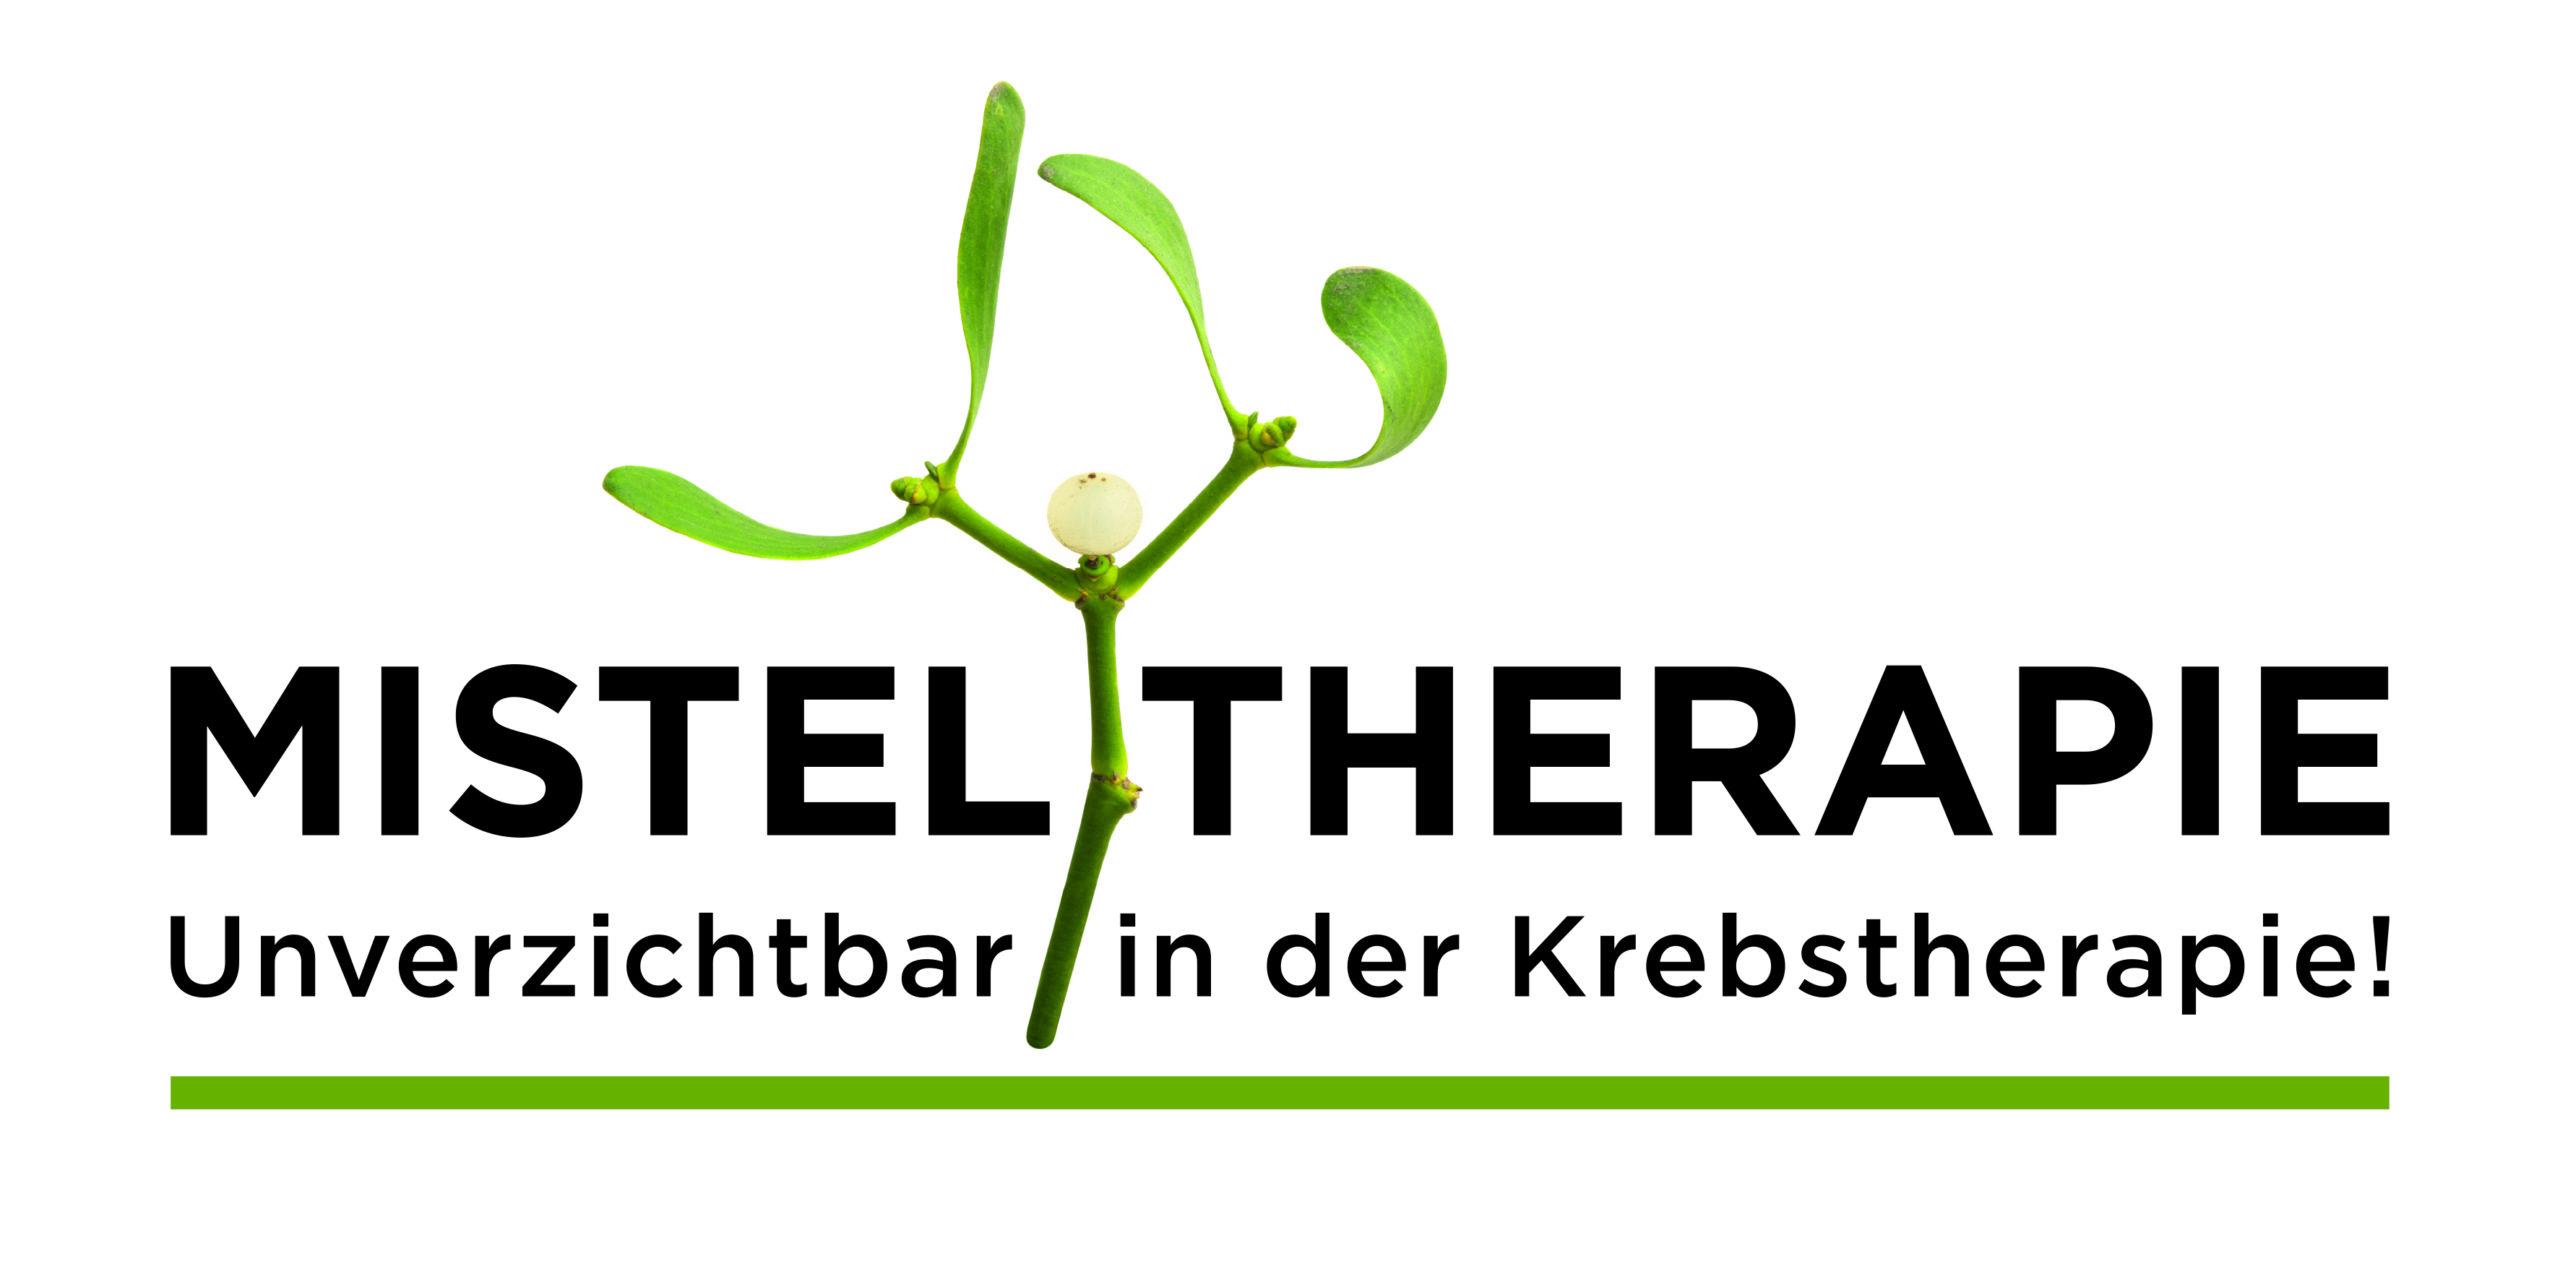 Misteltherapie für Krebs-Patienten